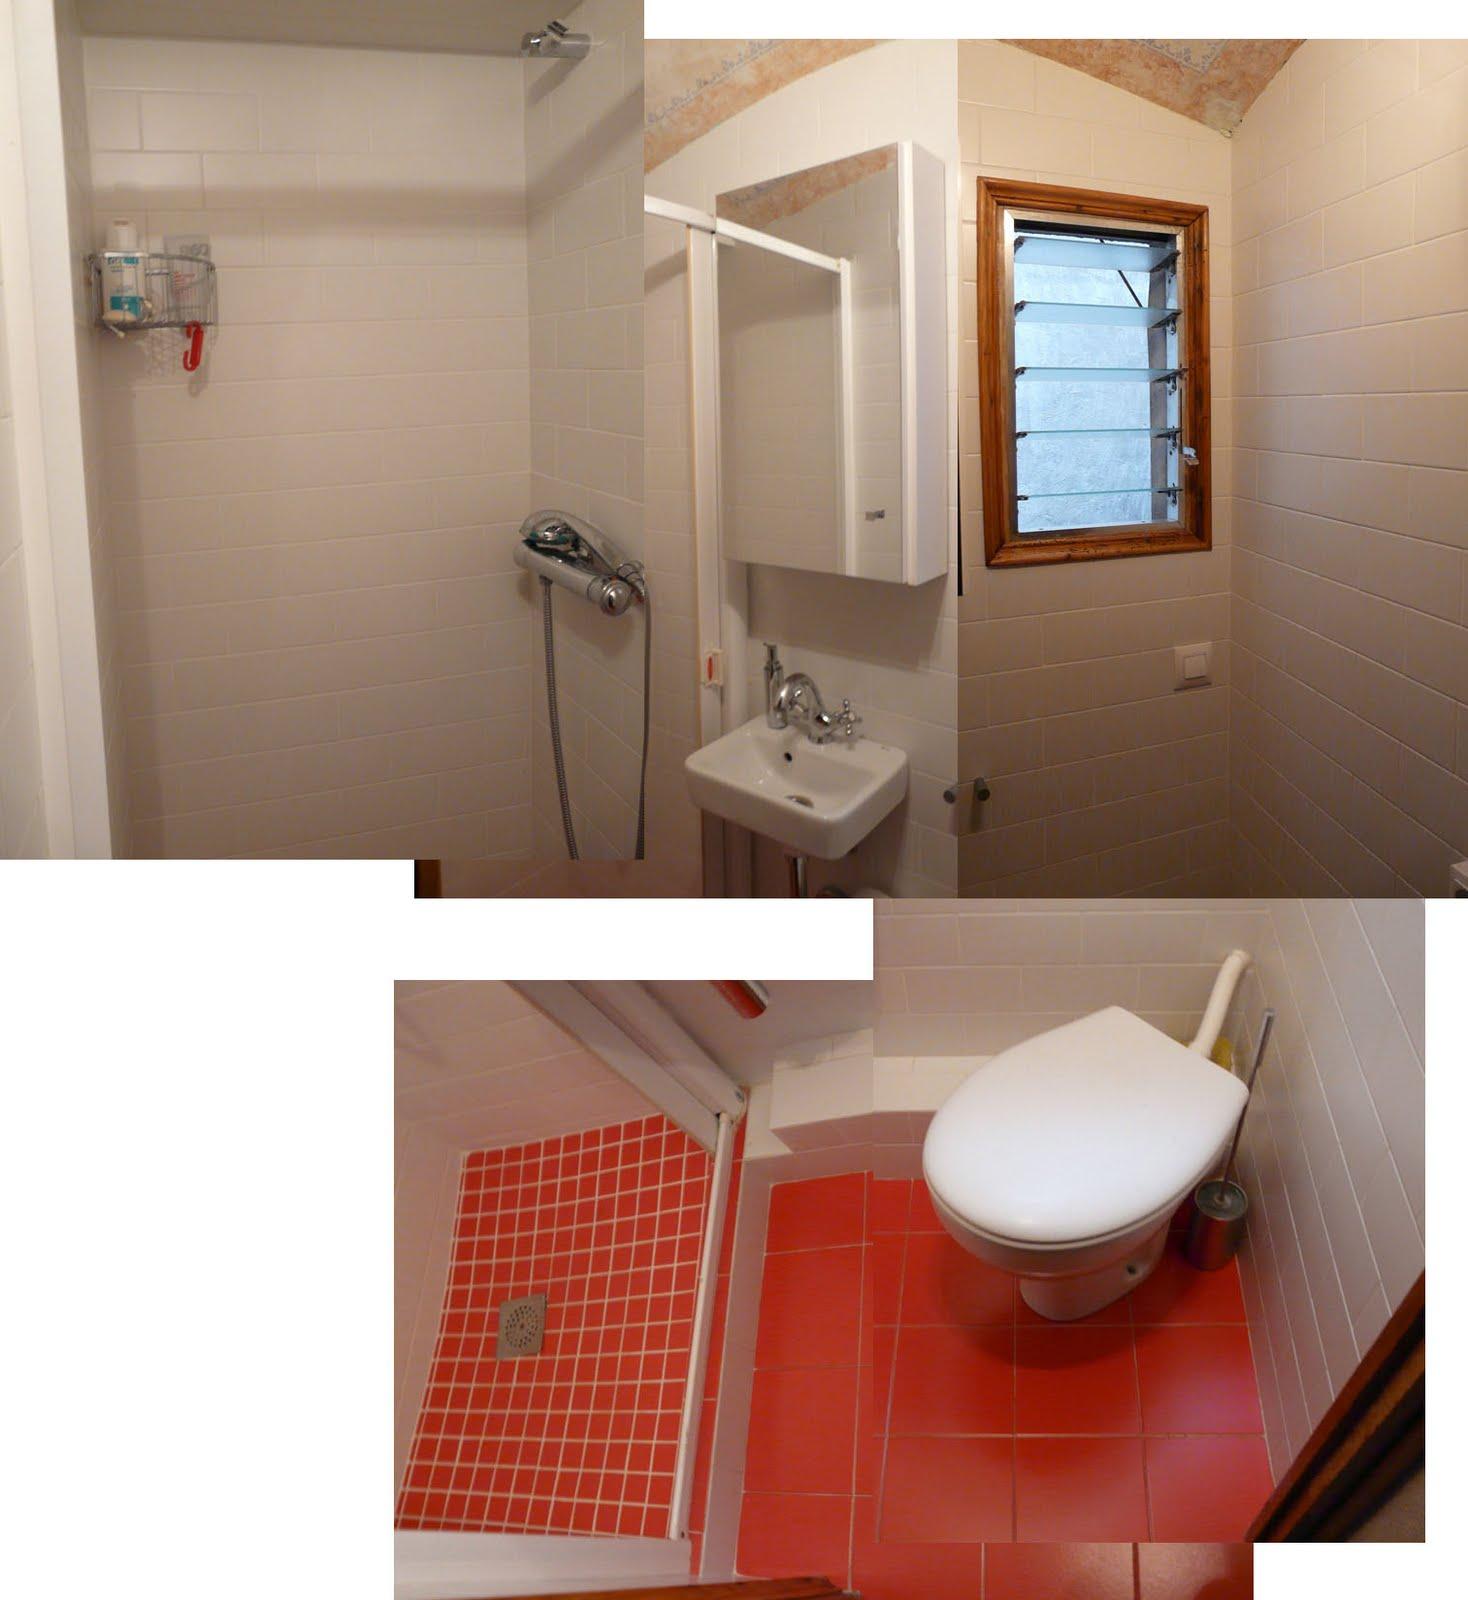 Baño Principal Medidas:Reforma de un aseo para convertirlo en baño de invitados Medidas de